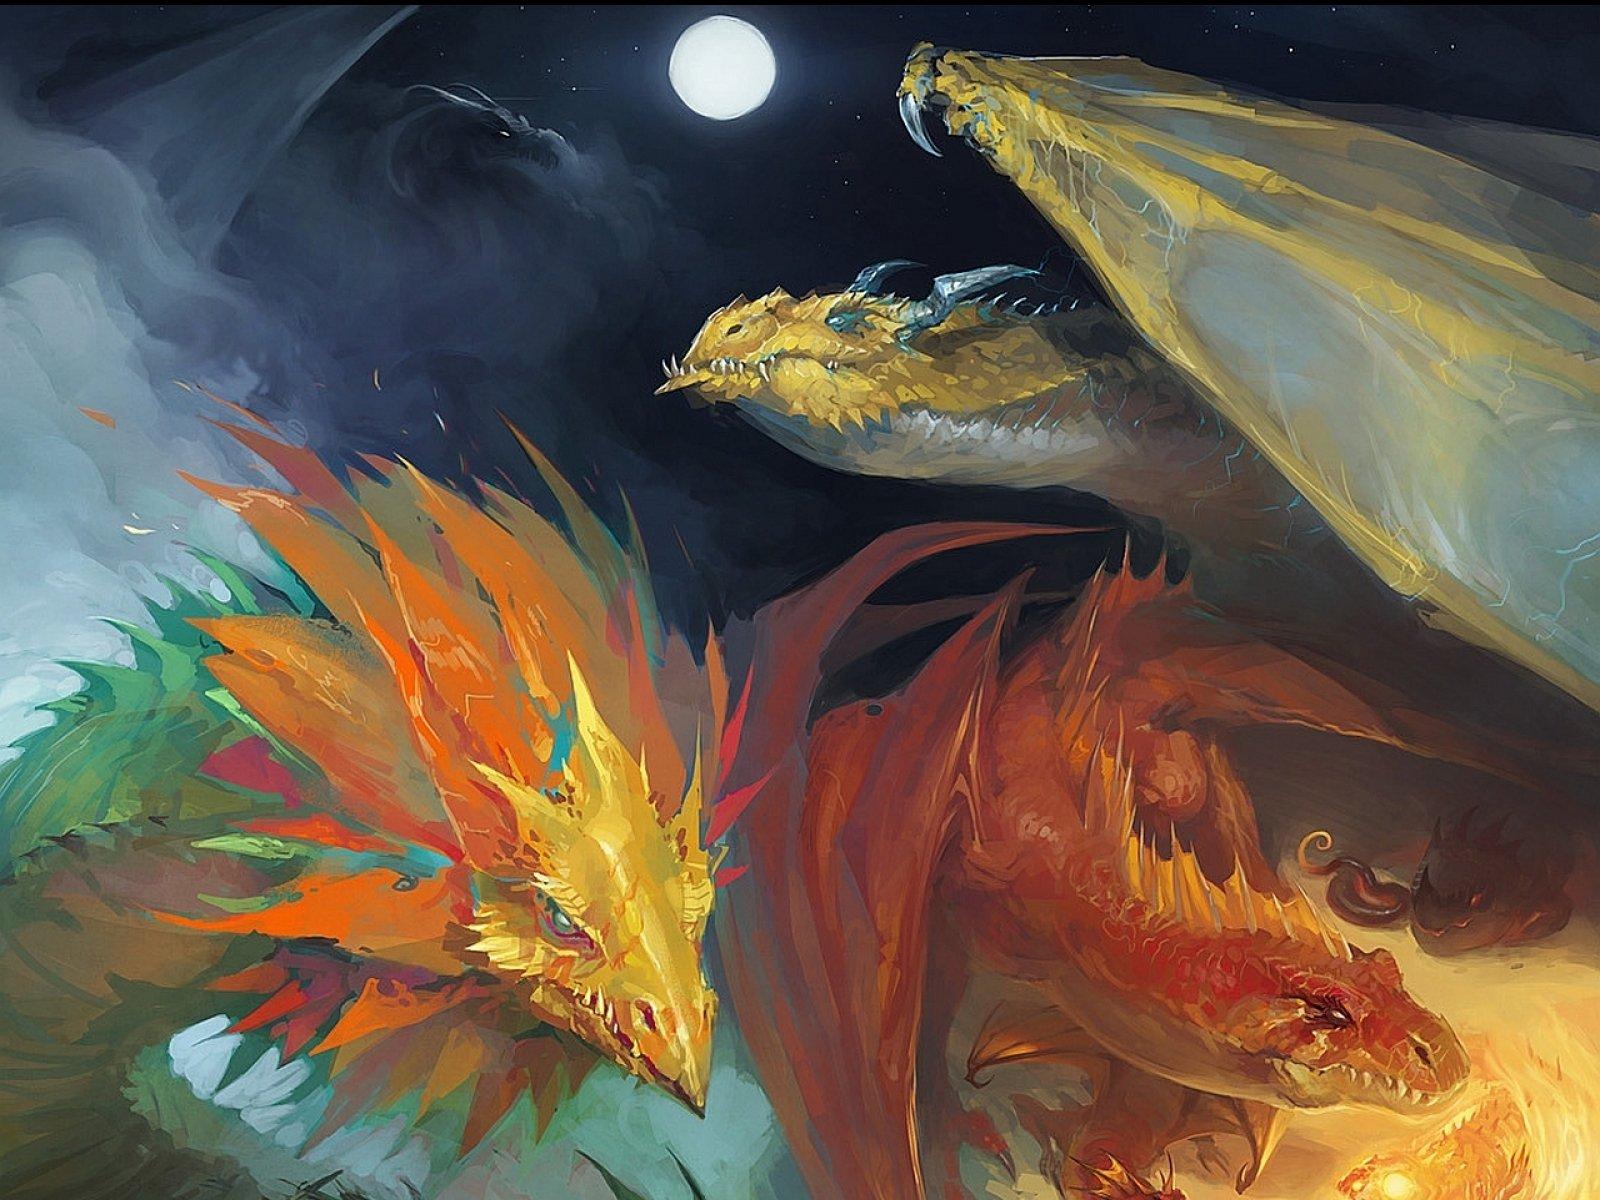 dragon wallpaper 1600x1200 - photo #37